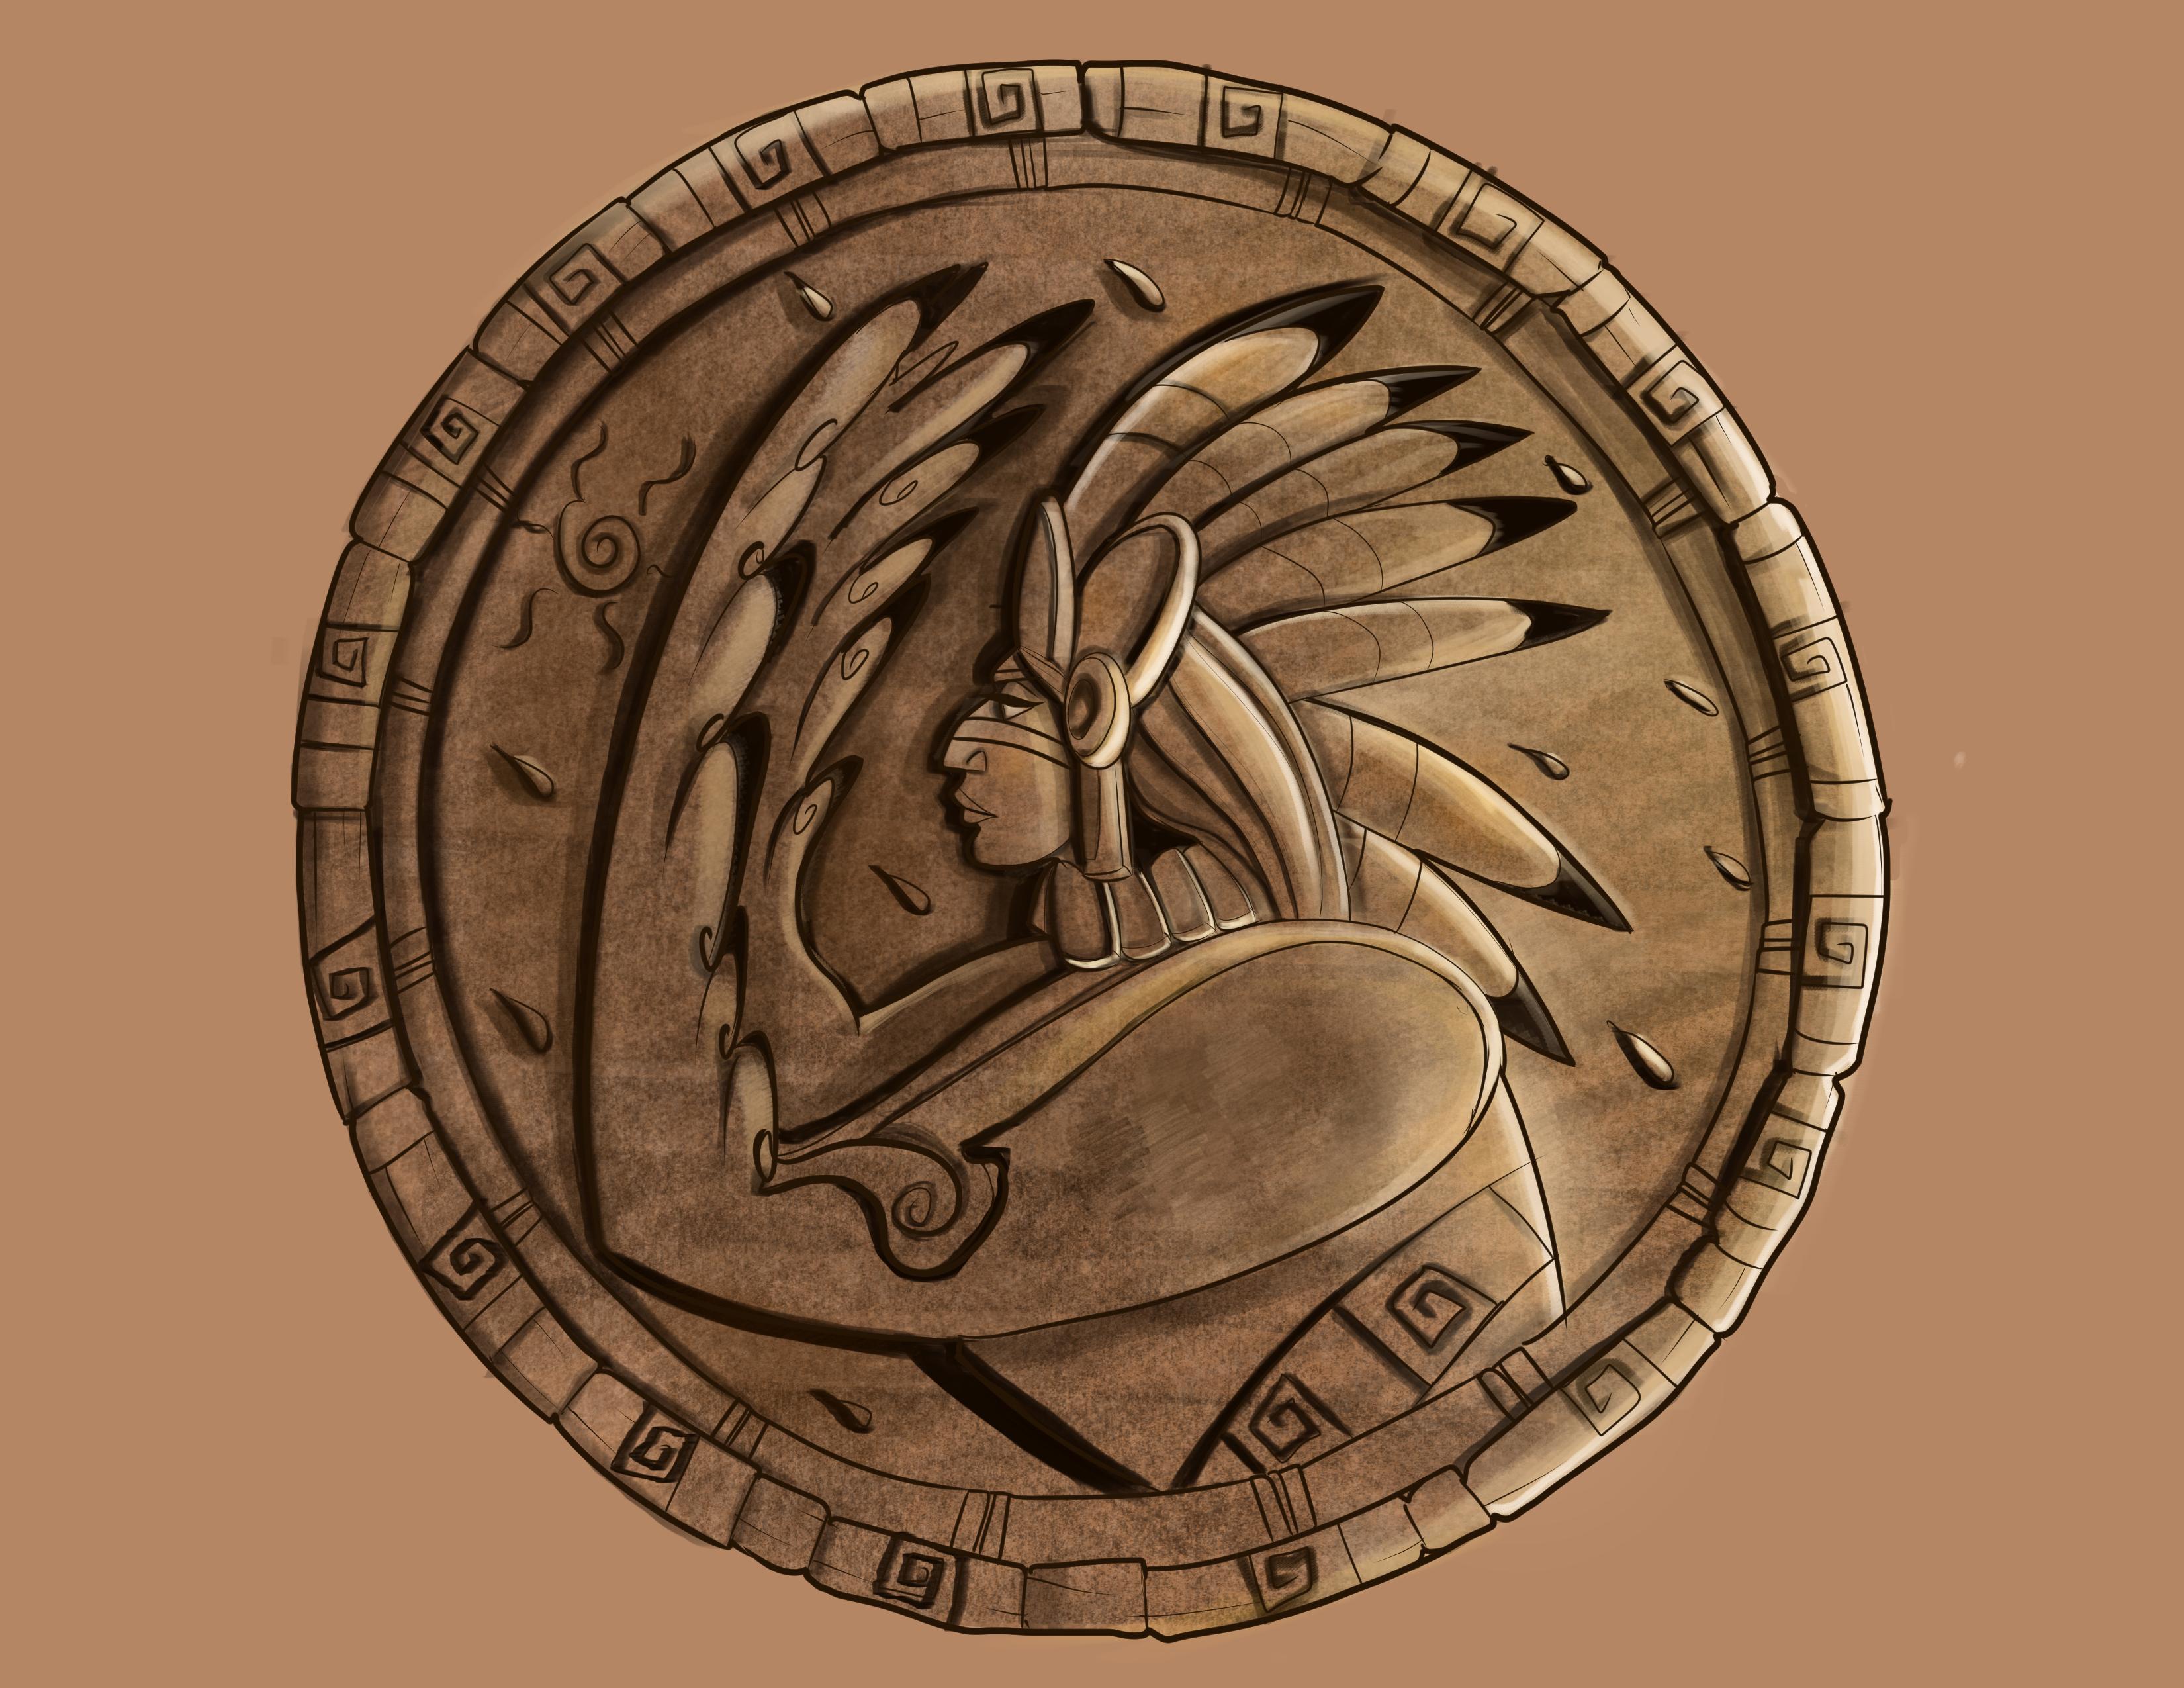 Sacra Coin 2 Color